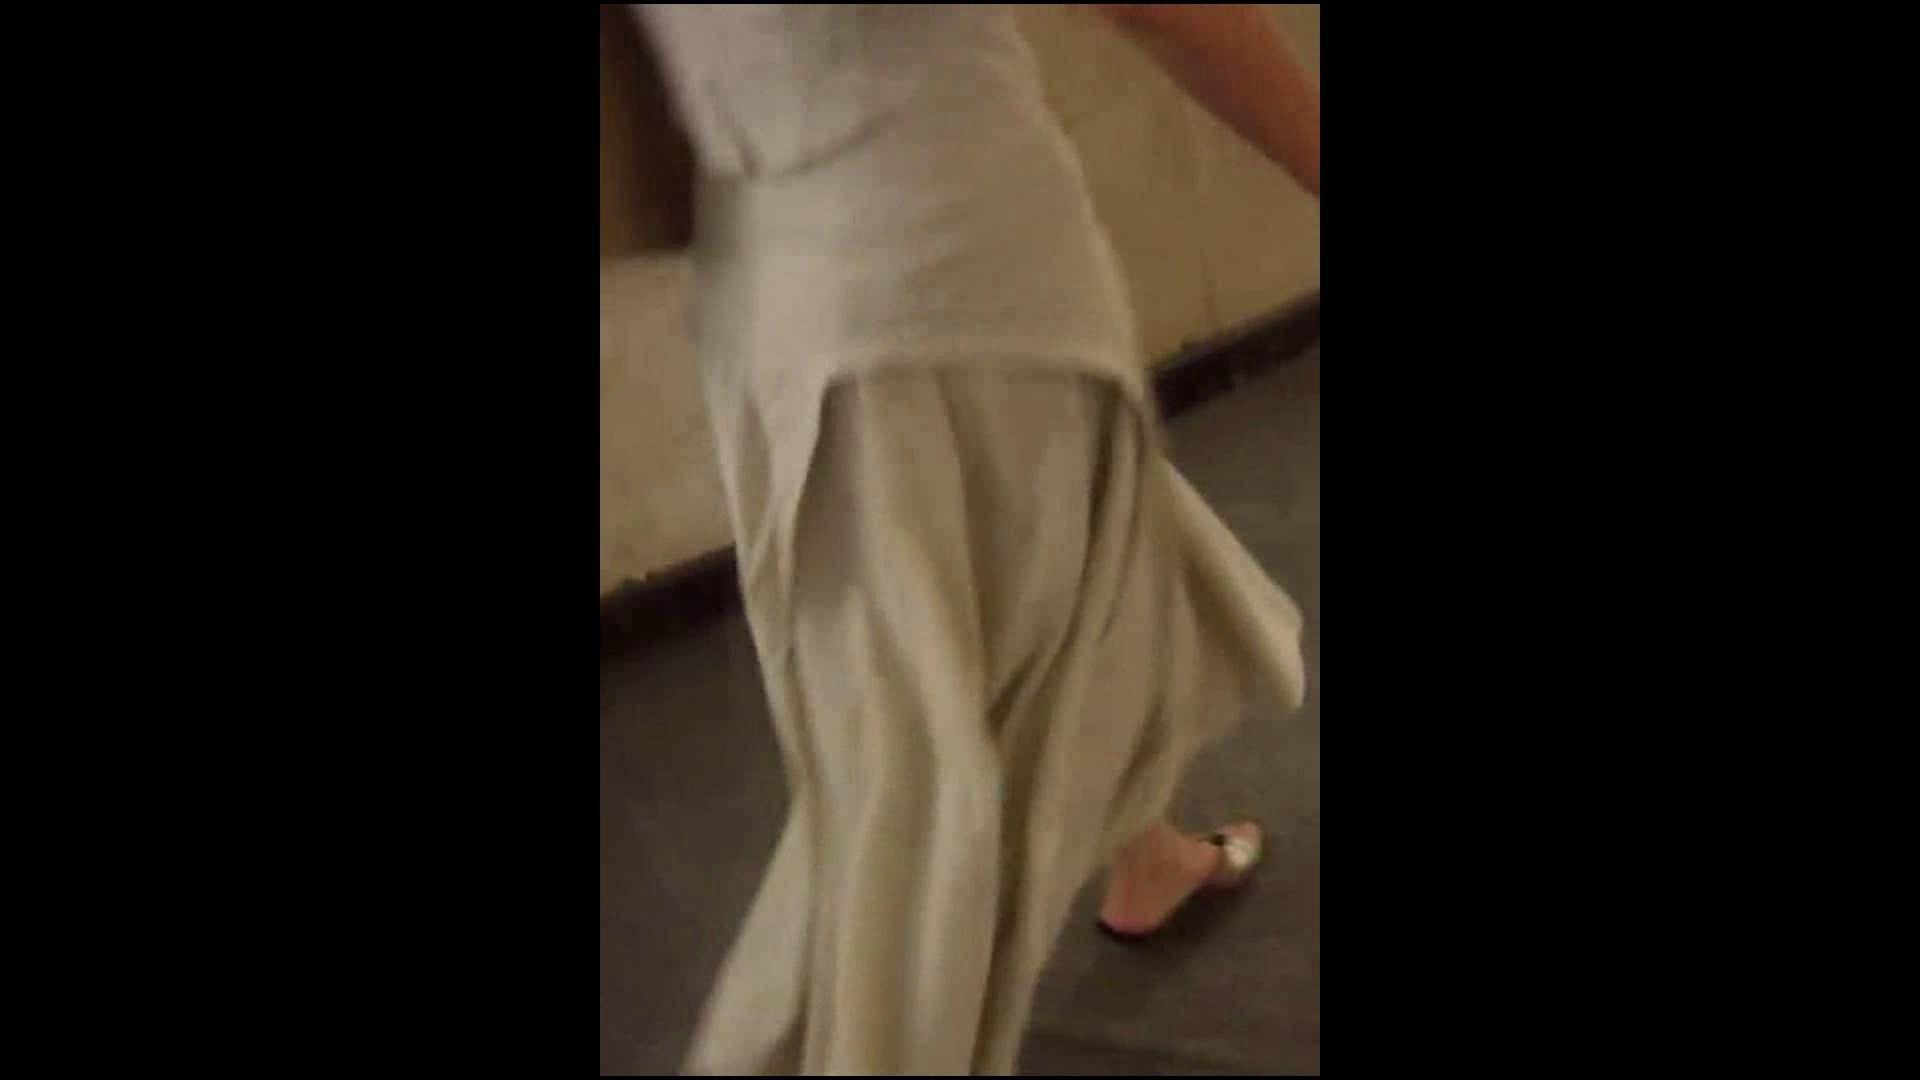 綺麗なモデルさんのスカート捲っちゃおう‼vol01 0  78pic 52